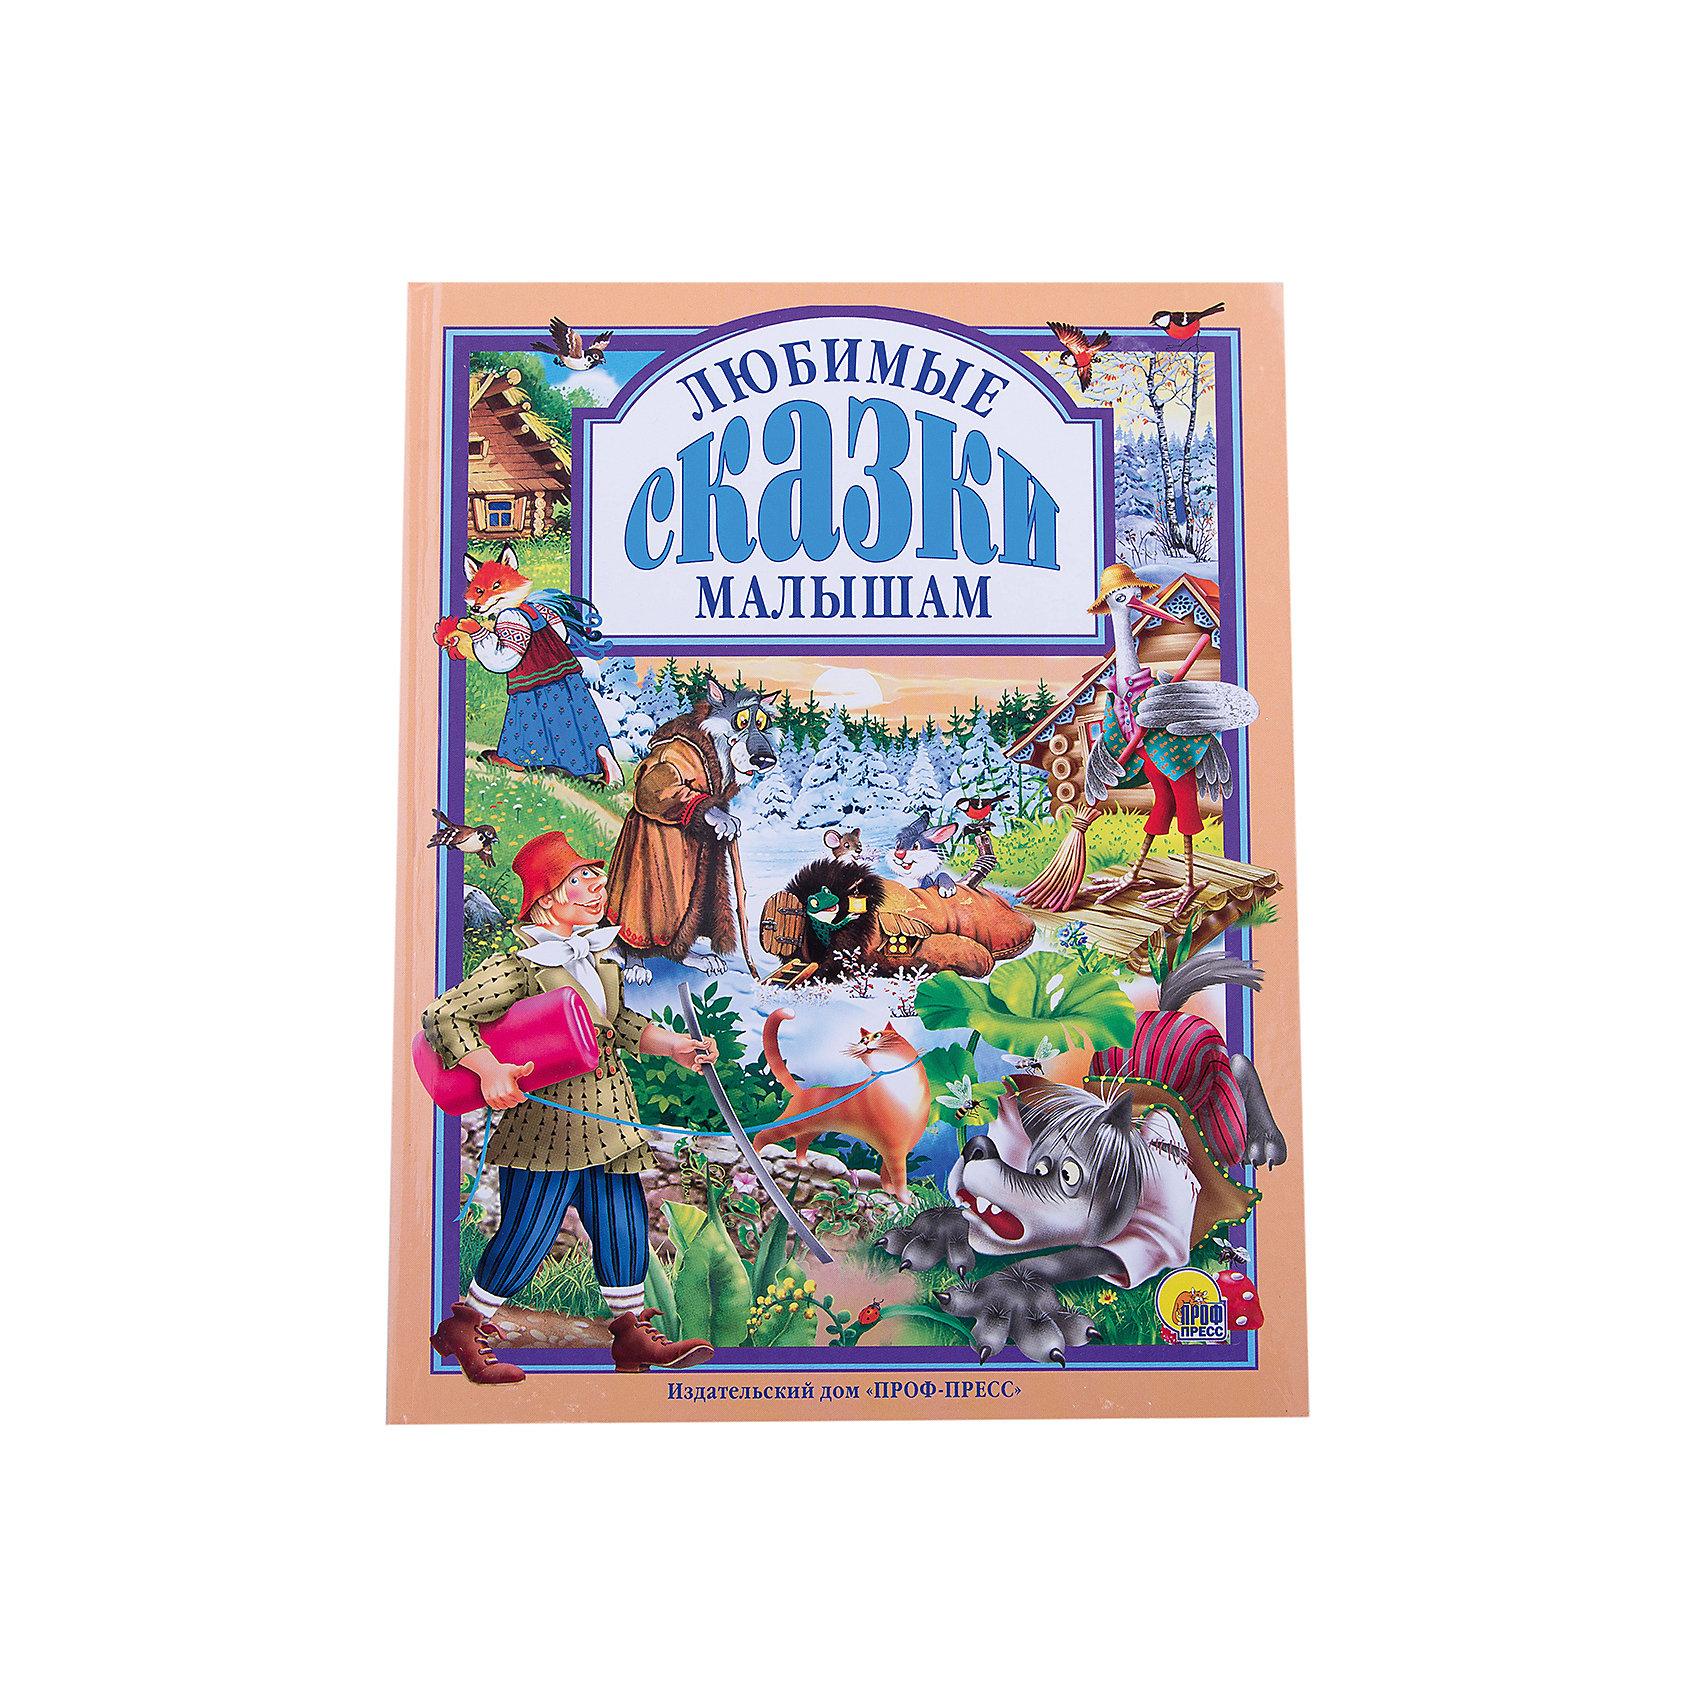 Любимые сказки малышамРусские сказки<br>Данная серия собрала сказки, проверенные многими поколениями, которые понравятся и современным детям. Книги - это лучший подарок не только взрослым, они помогают детям познавать мир и учиться читать, также книги позволяют ребенку весело проводить время. Они также стимулируют развитие воображения, логики и творческого мышления.<br>Это издание очень красиво оформлено, в него вошли самые интересные сказки. Яркие картинки обязательно понравятся малышам! Книга сделана из качественных и безопасных для детей материалов. Содержание: «Три медведя», «Петушок – золотой гребешок», «Рукавичка», «У страха глаза велики», «Петушок и курочка» и многие другие. <br>  <br>Дополнительная информация:<br><br>размер: 200х265 мм;<br>вес: 441 г.<br><br>Книгу Любимые сказки малышам от издательства Проф-Пресс можно купить в нашем магазине.<br><br>Ширина мм: 200<br>Глубина мм: 13<br>Высота мм: 265<br>Вес г: 441<br>Возраст от месяцев: 0<br>Возраст до месяцев: 60<br>Пол: Унисекс<br>Возраст: Детский<br>SKU: 4787328